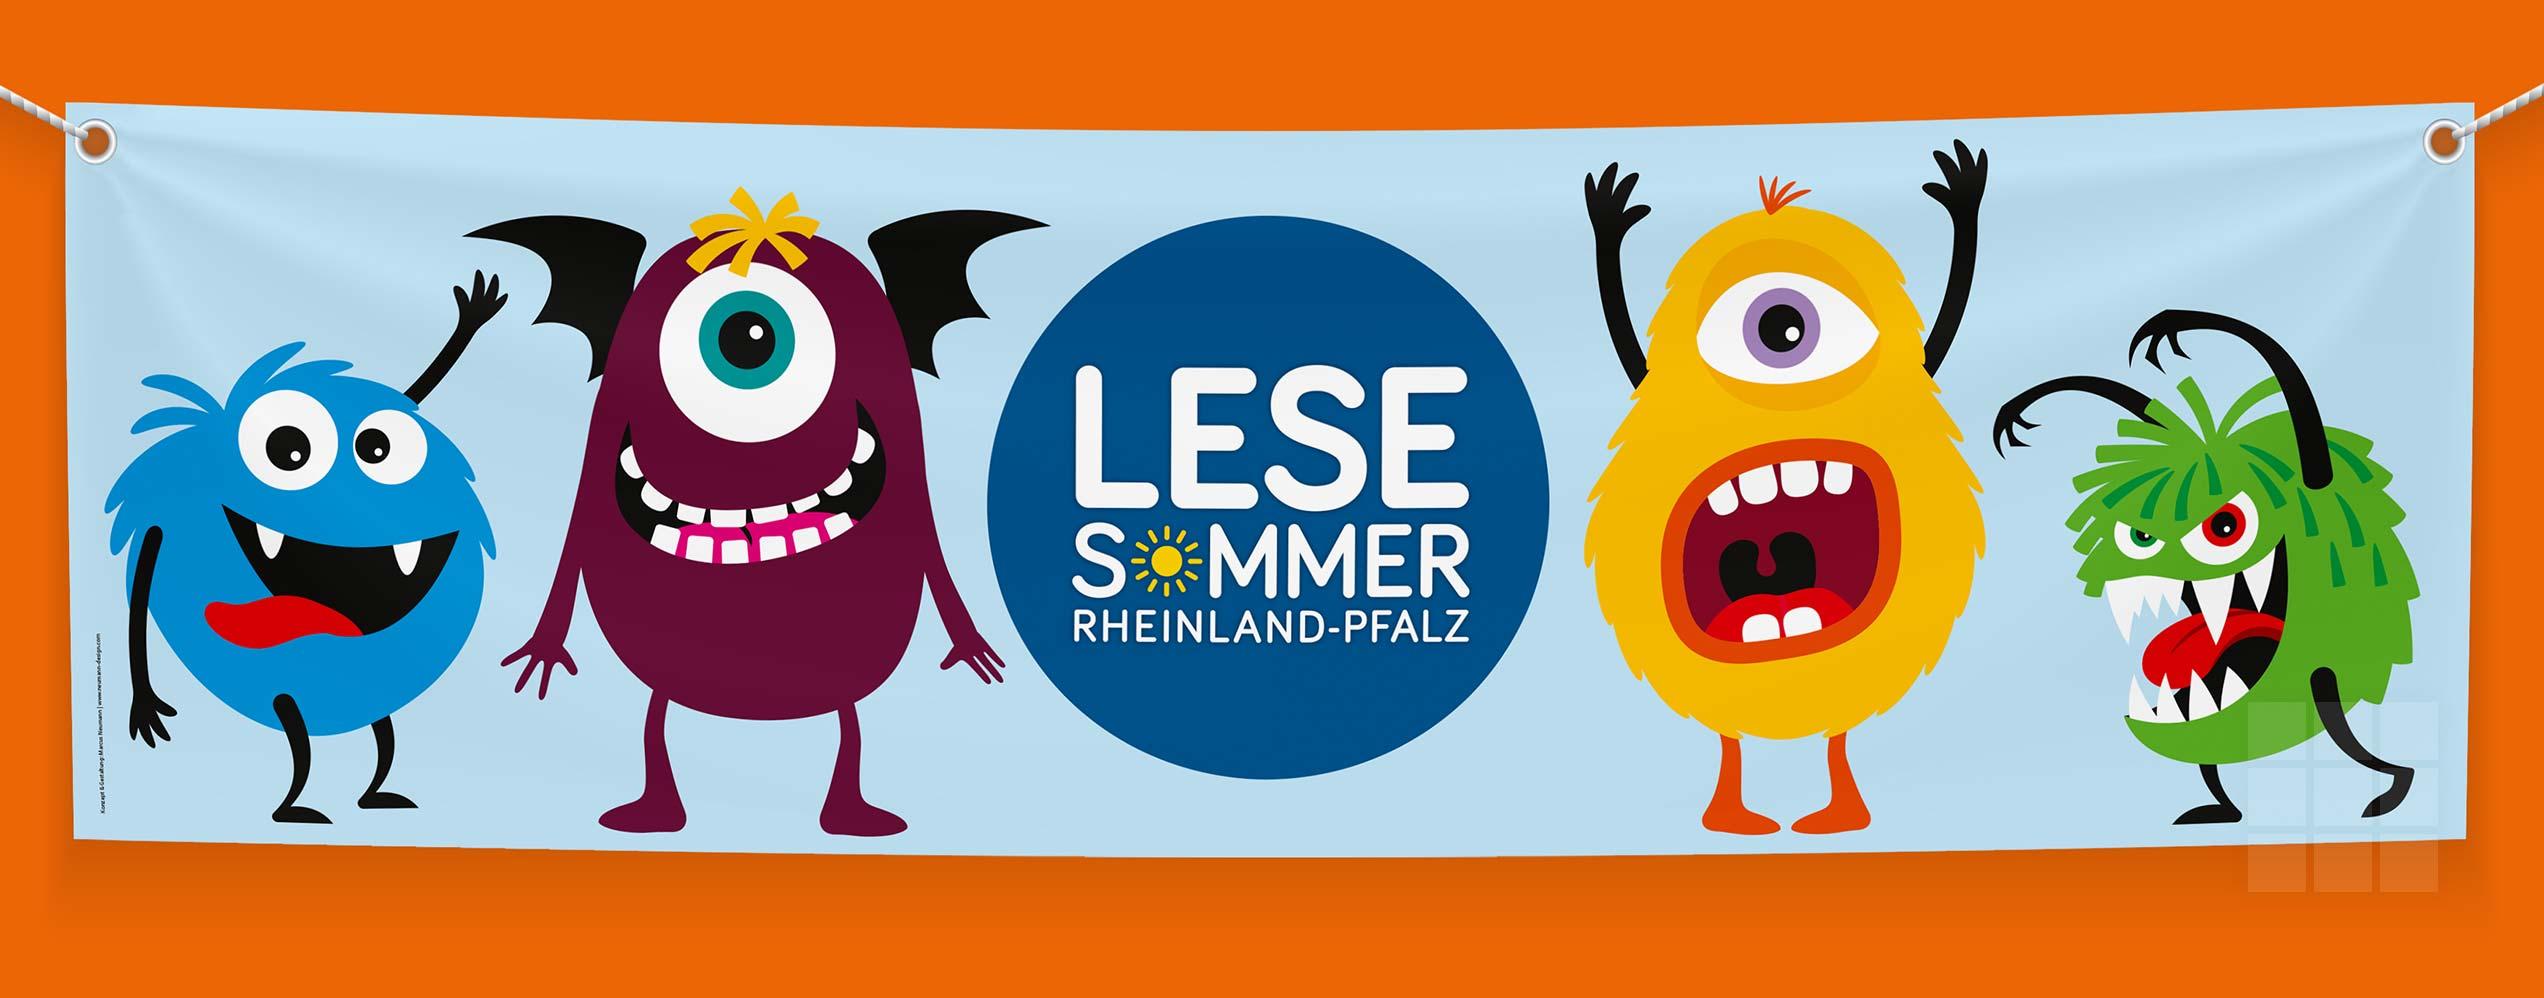 Banner für den LESESOMMER Rheinland-Pfalz inkl. Logo und vier Monstern